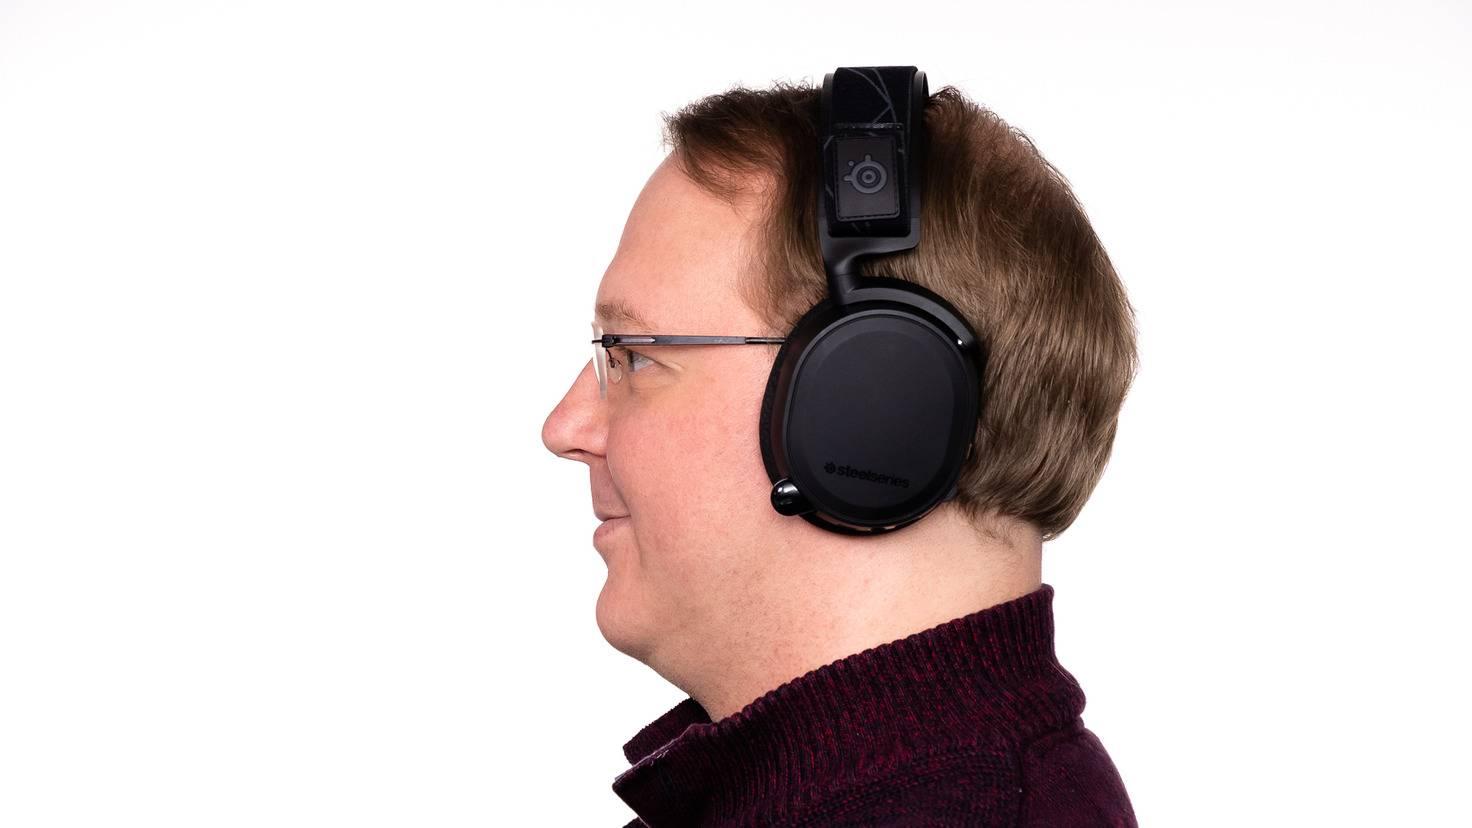 Der Favorit von Andreas ist das Wireless-Headset SteelSeries Arctis 7 2019 mit Top-Leistung zum Preis von 180 Euro (UVP).Der Favorit von Andreas ist das Wireless-Headset SteelSeries Arctis 7 2019 mit Top-Leistung zum Preis von 180 Euro (UVP).